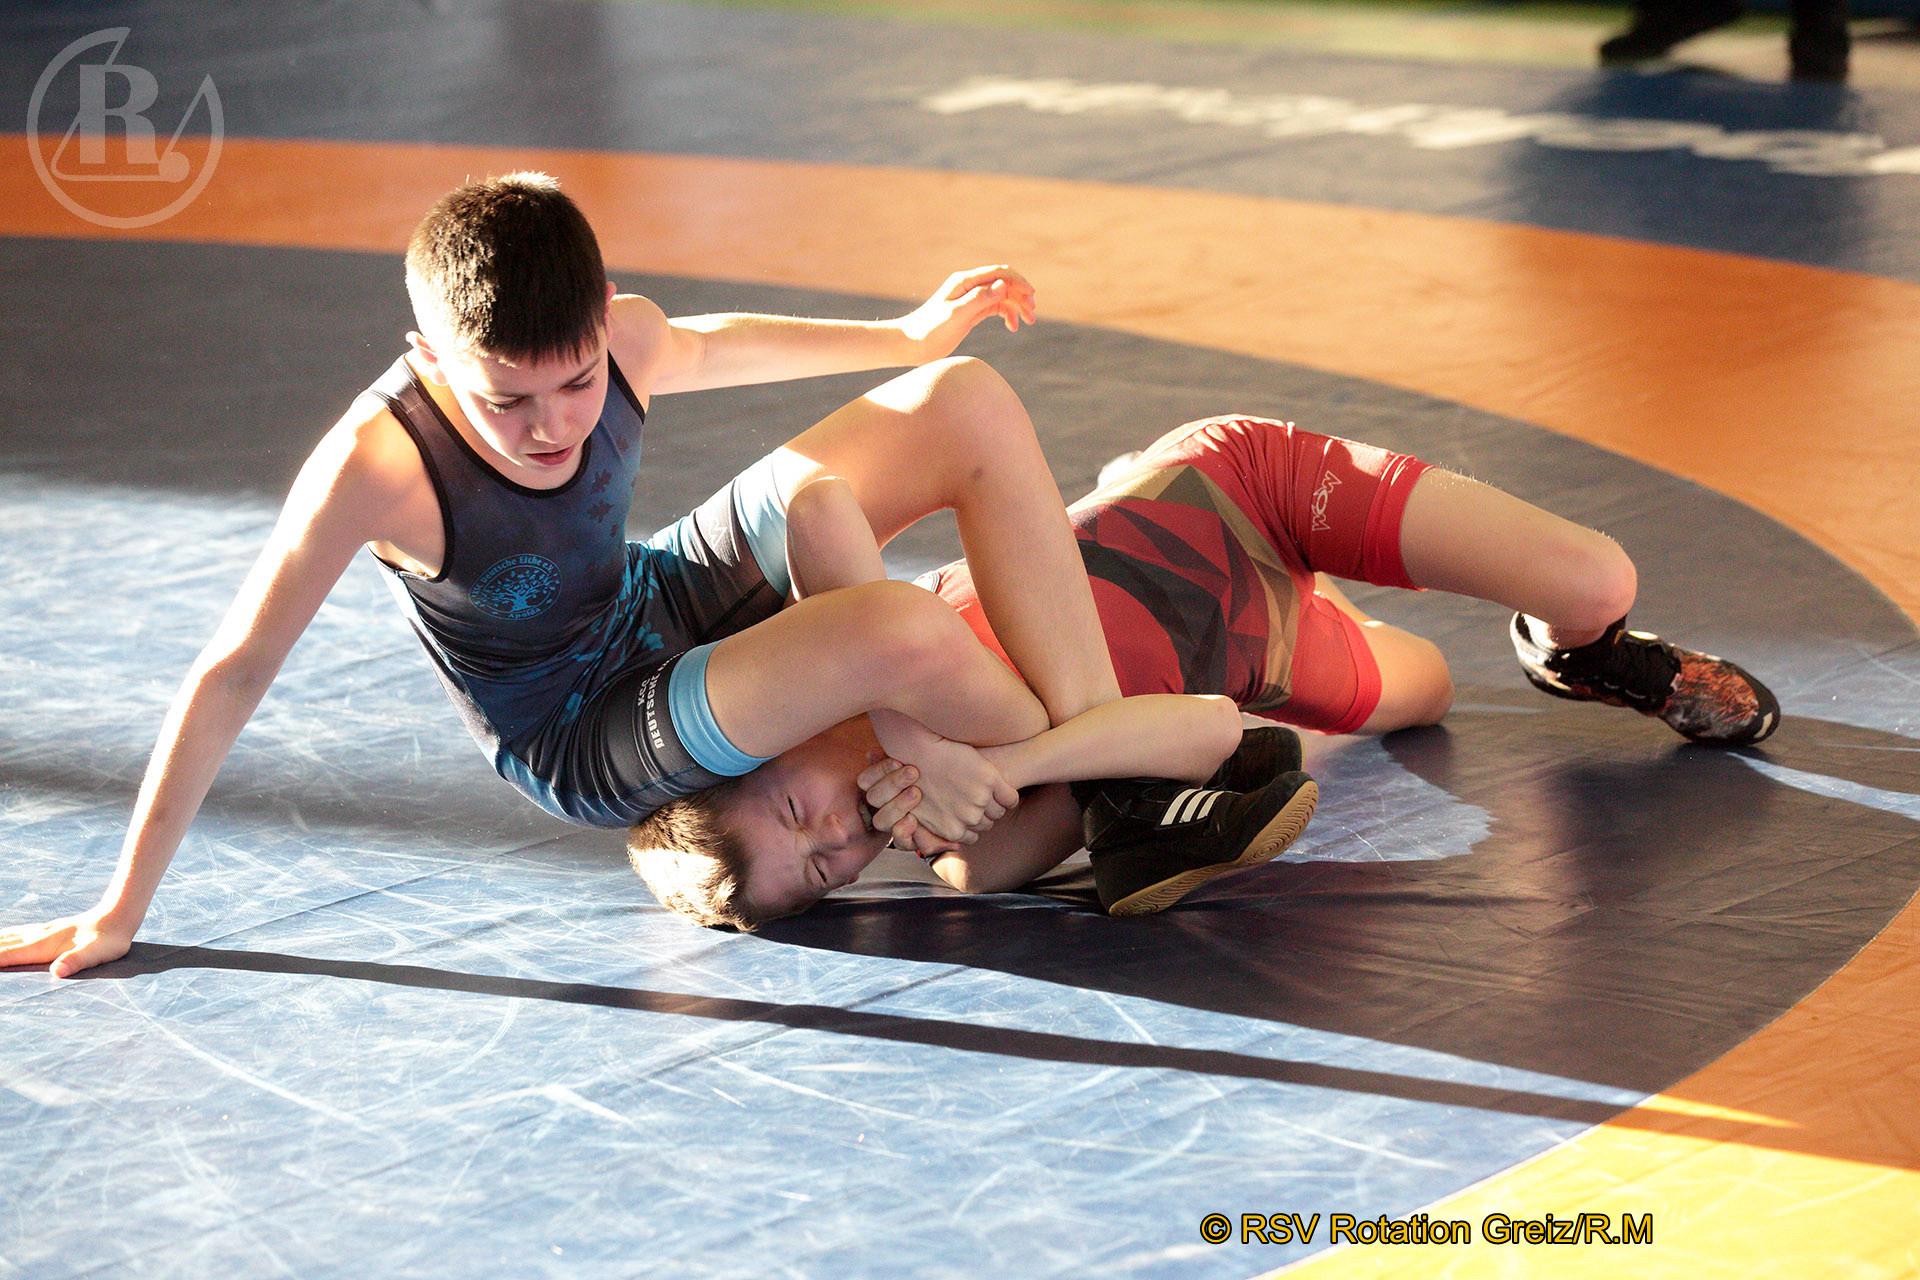 Thüringer Titelkämpfe der Ringer im griechisch-römischen Stil in Apolda